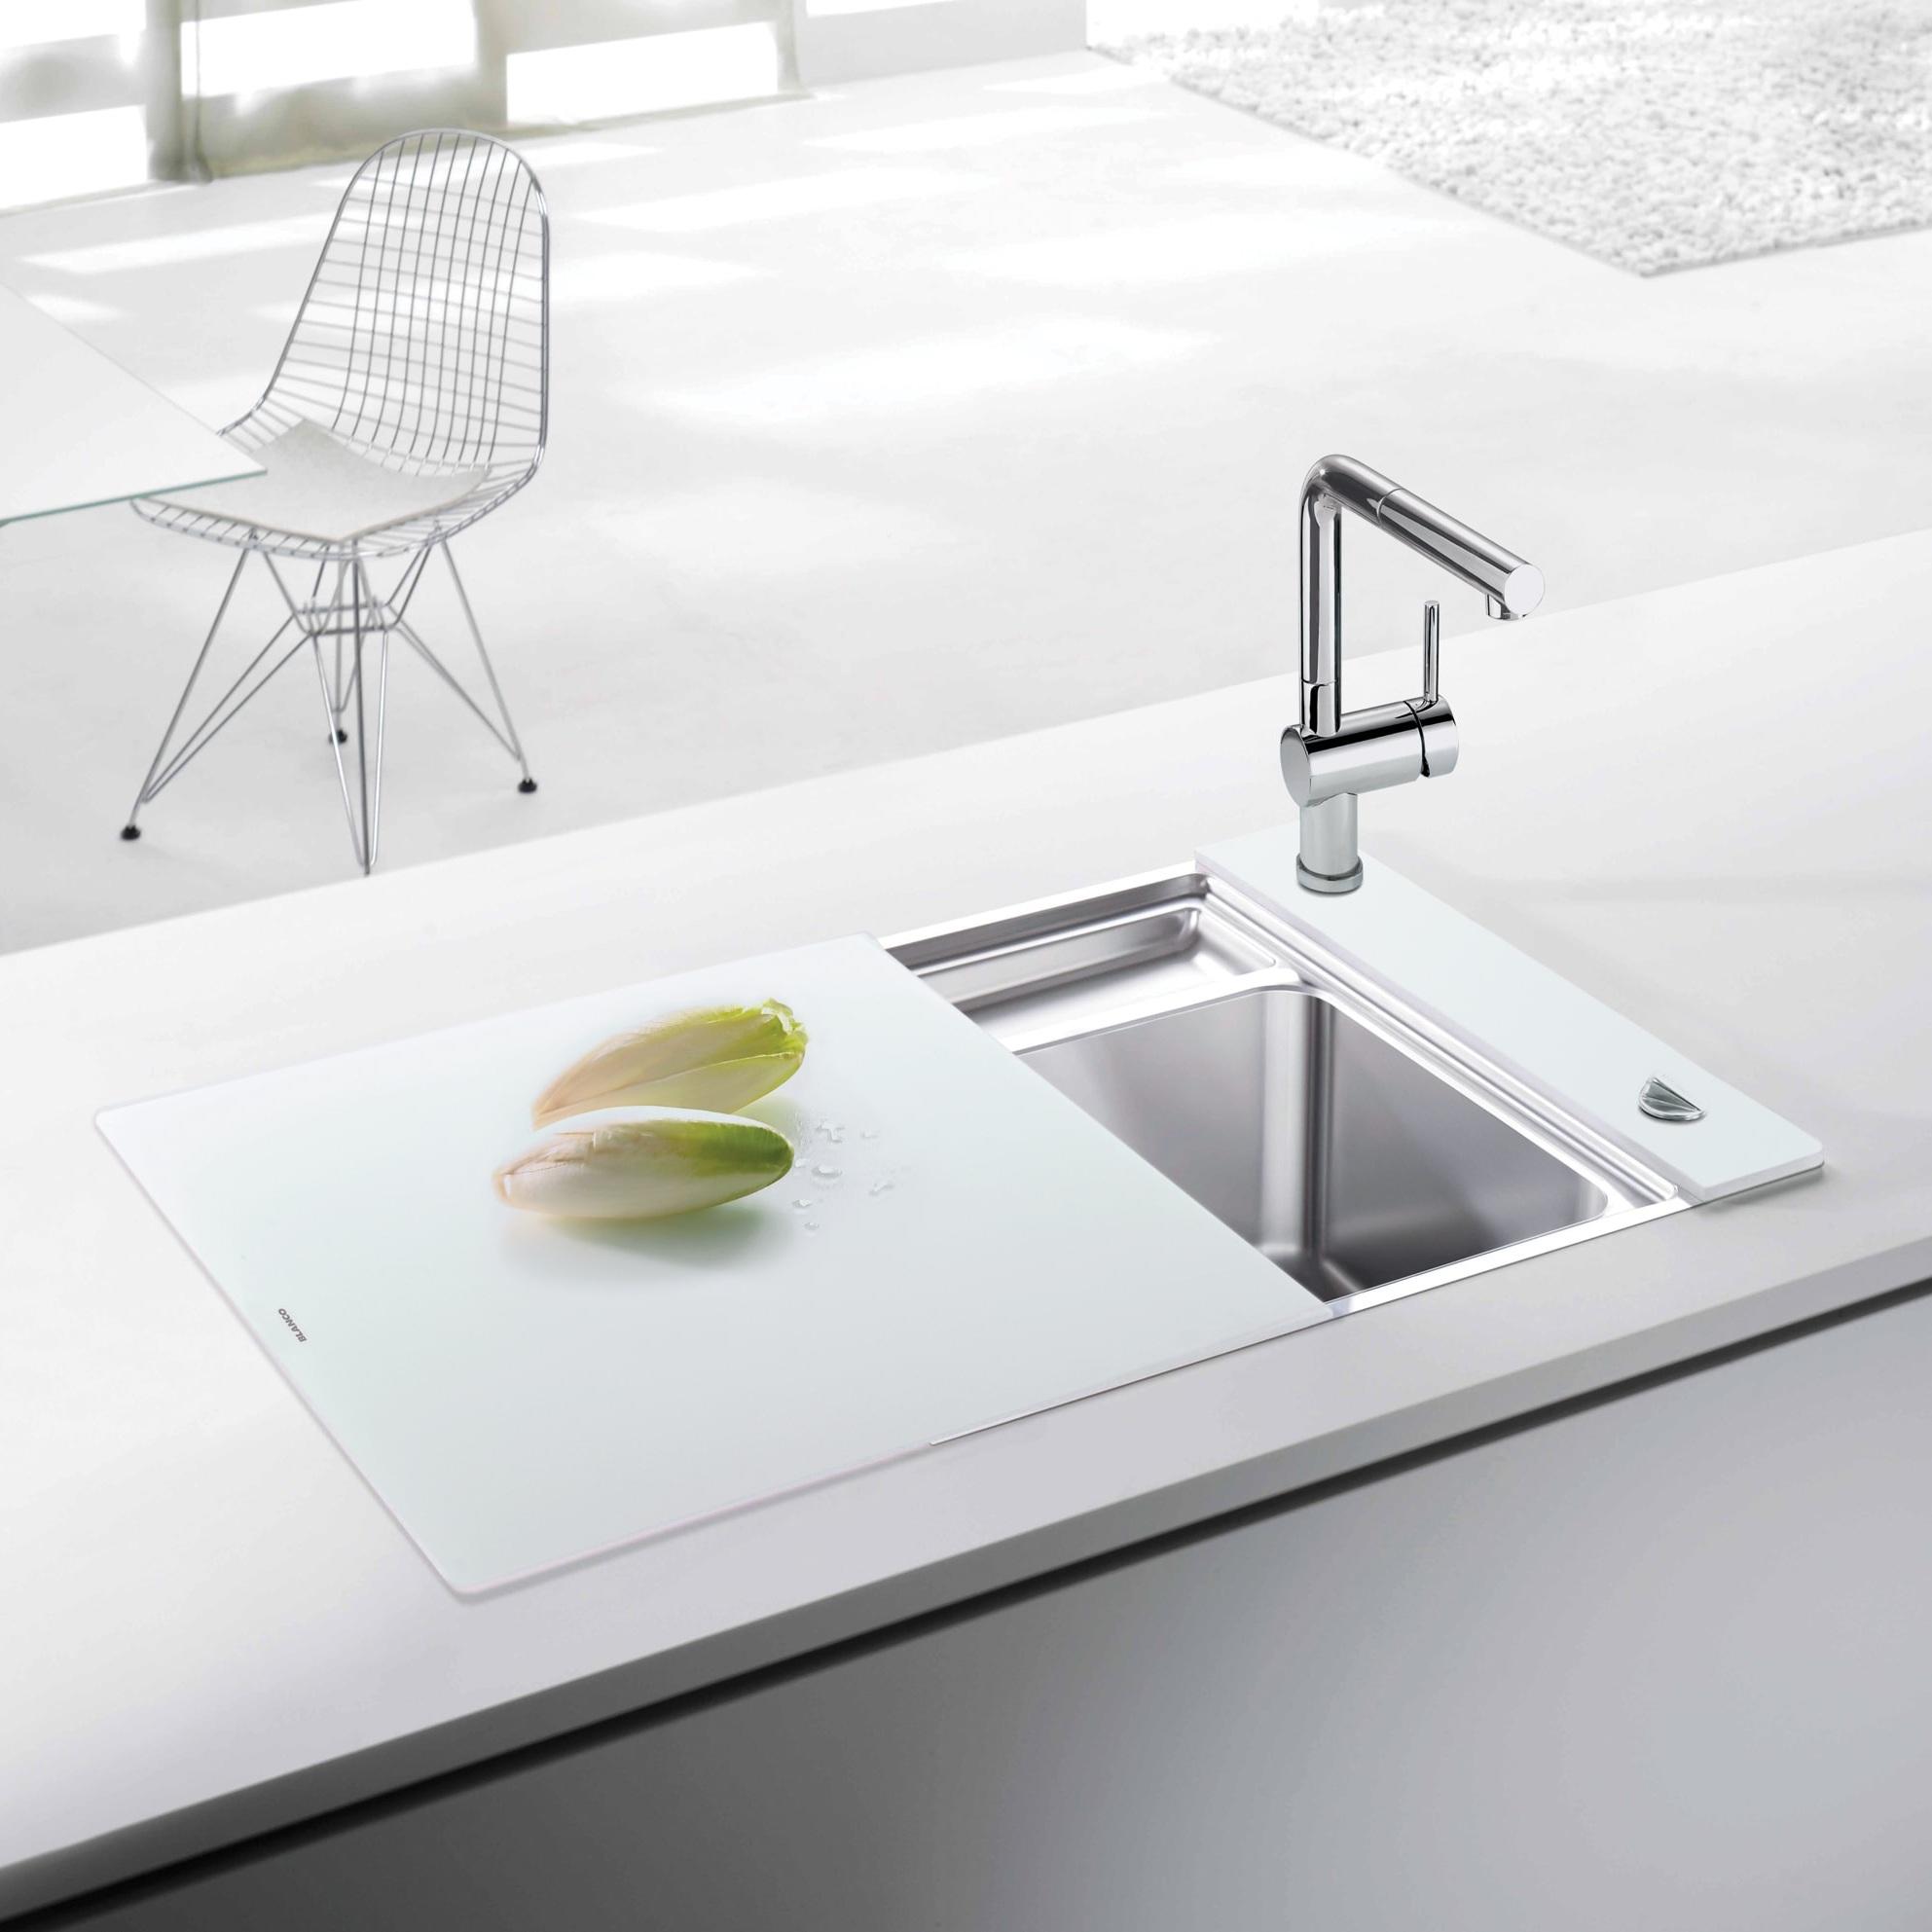 sink-kitchen-table-chair-min.jpg